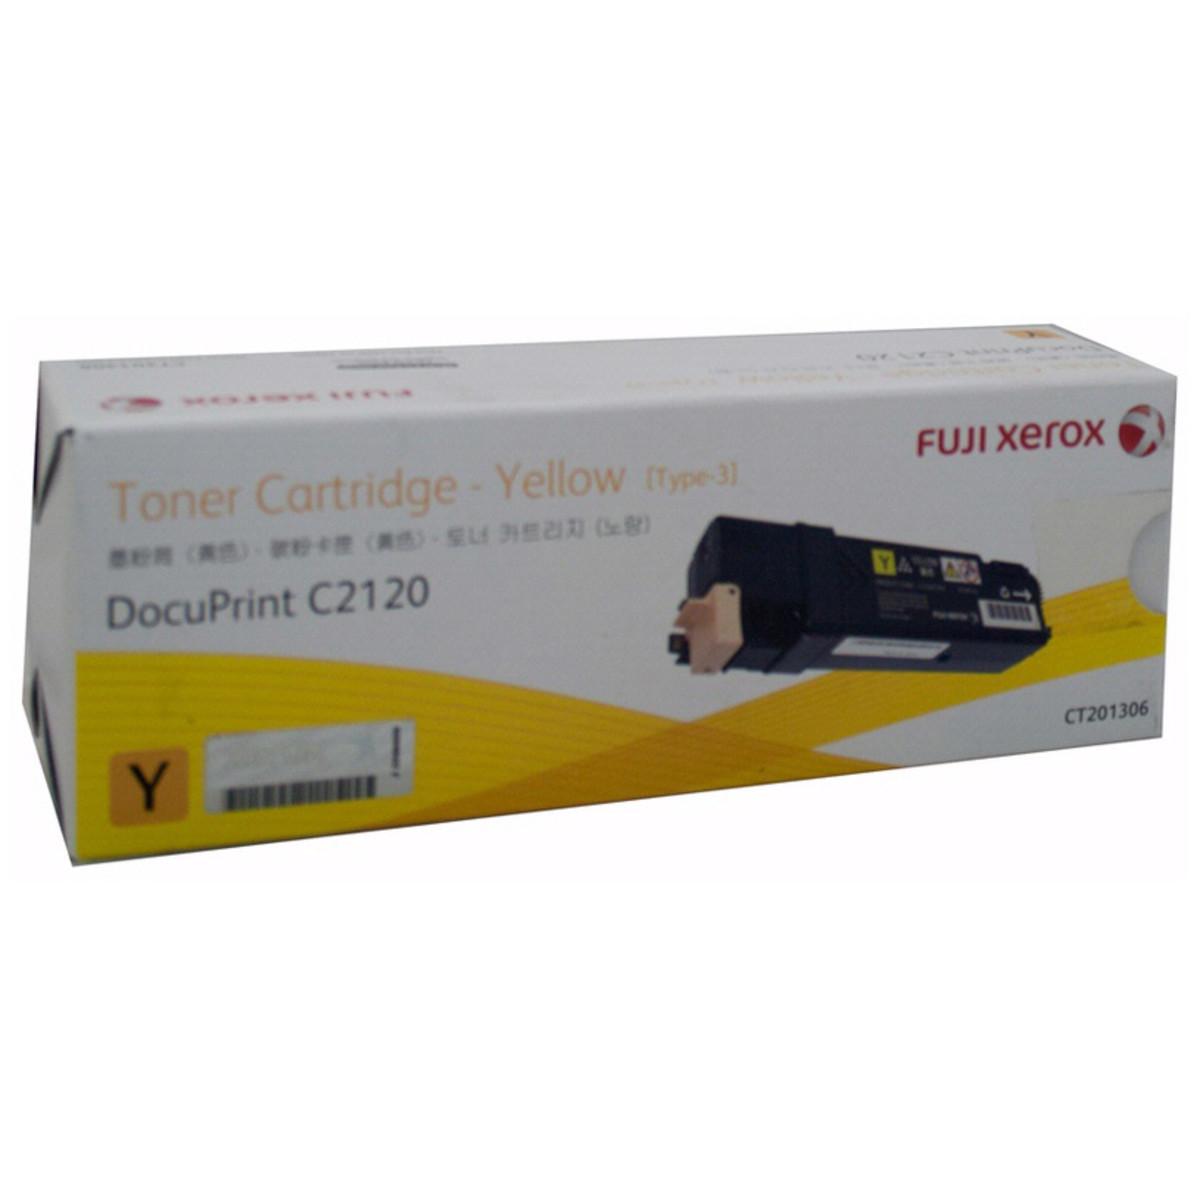 Xerox CT201306 Yellow Toner Cartridge